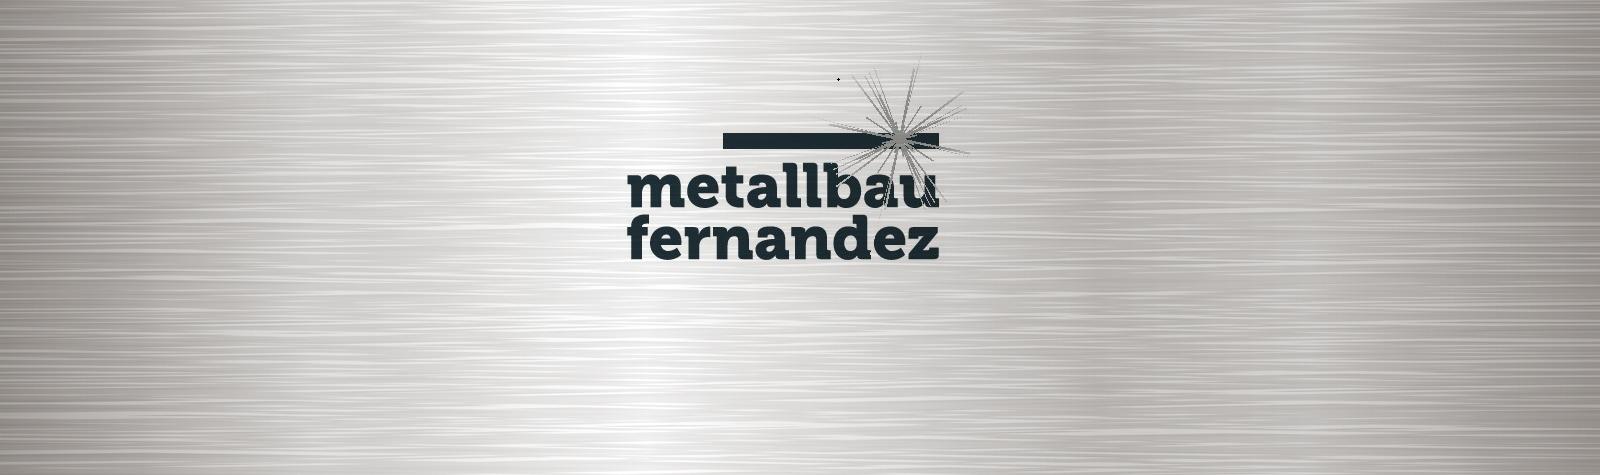 Metallbau Fernandez, Inh. Tristan Fernandez – Metallbauer in Traben-Trarbach